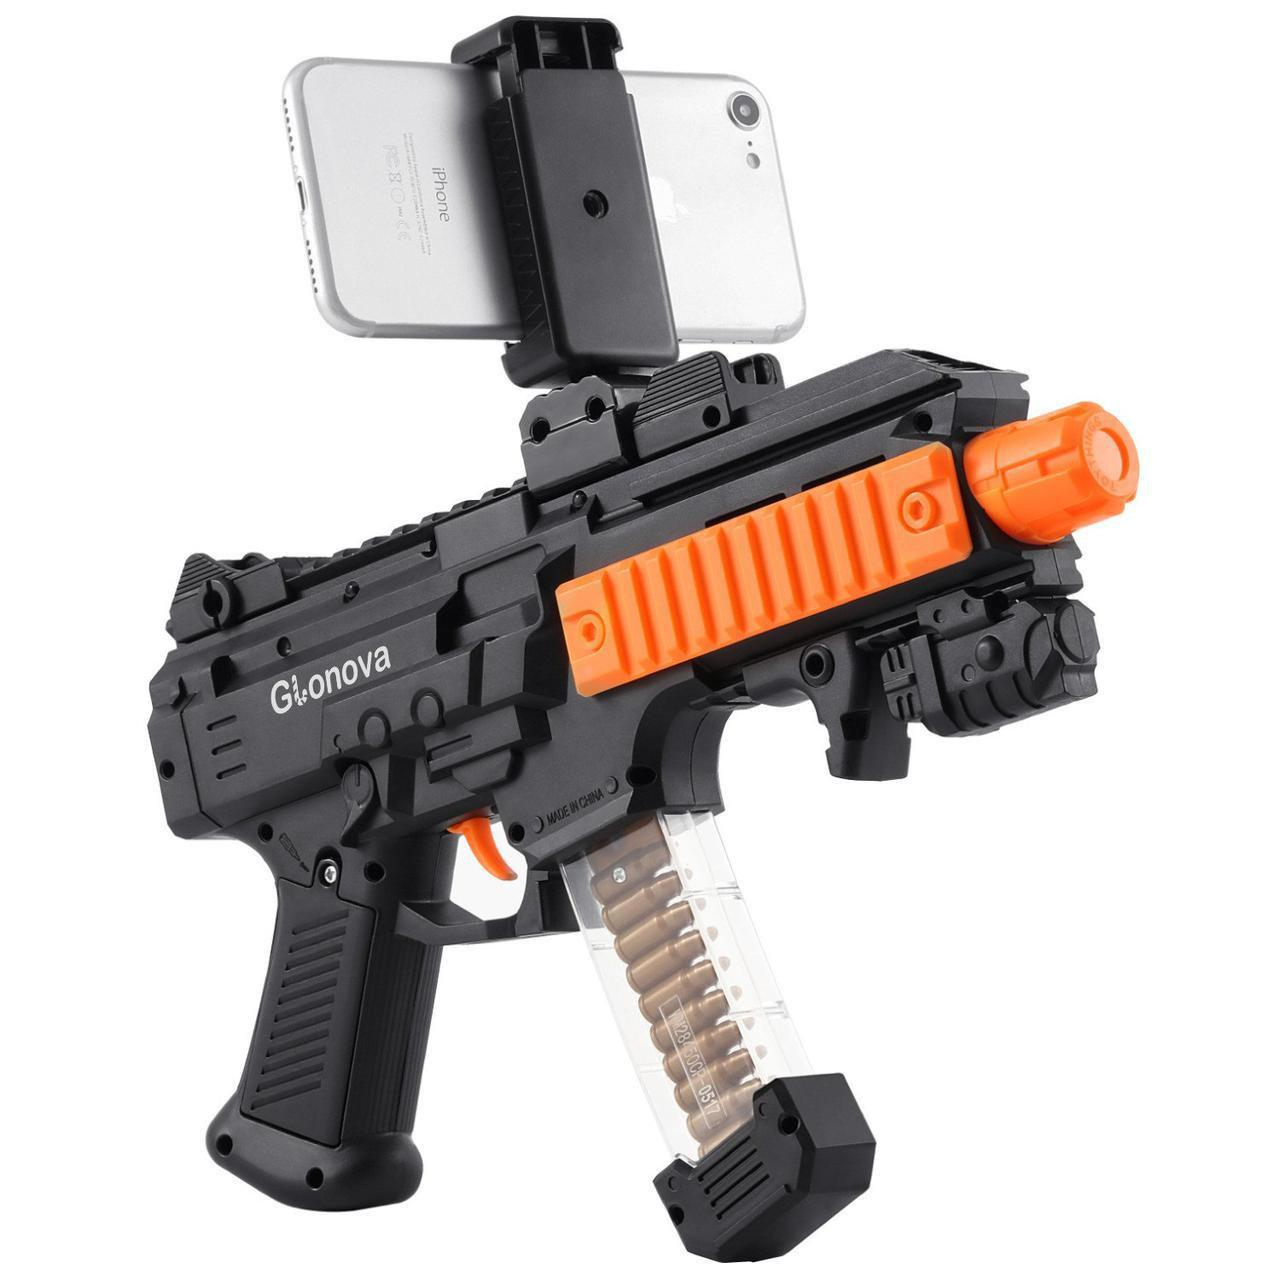 Игровой автомат виртуальной реальности для мобильных телефонов AR Game Gun 150129